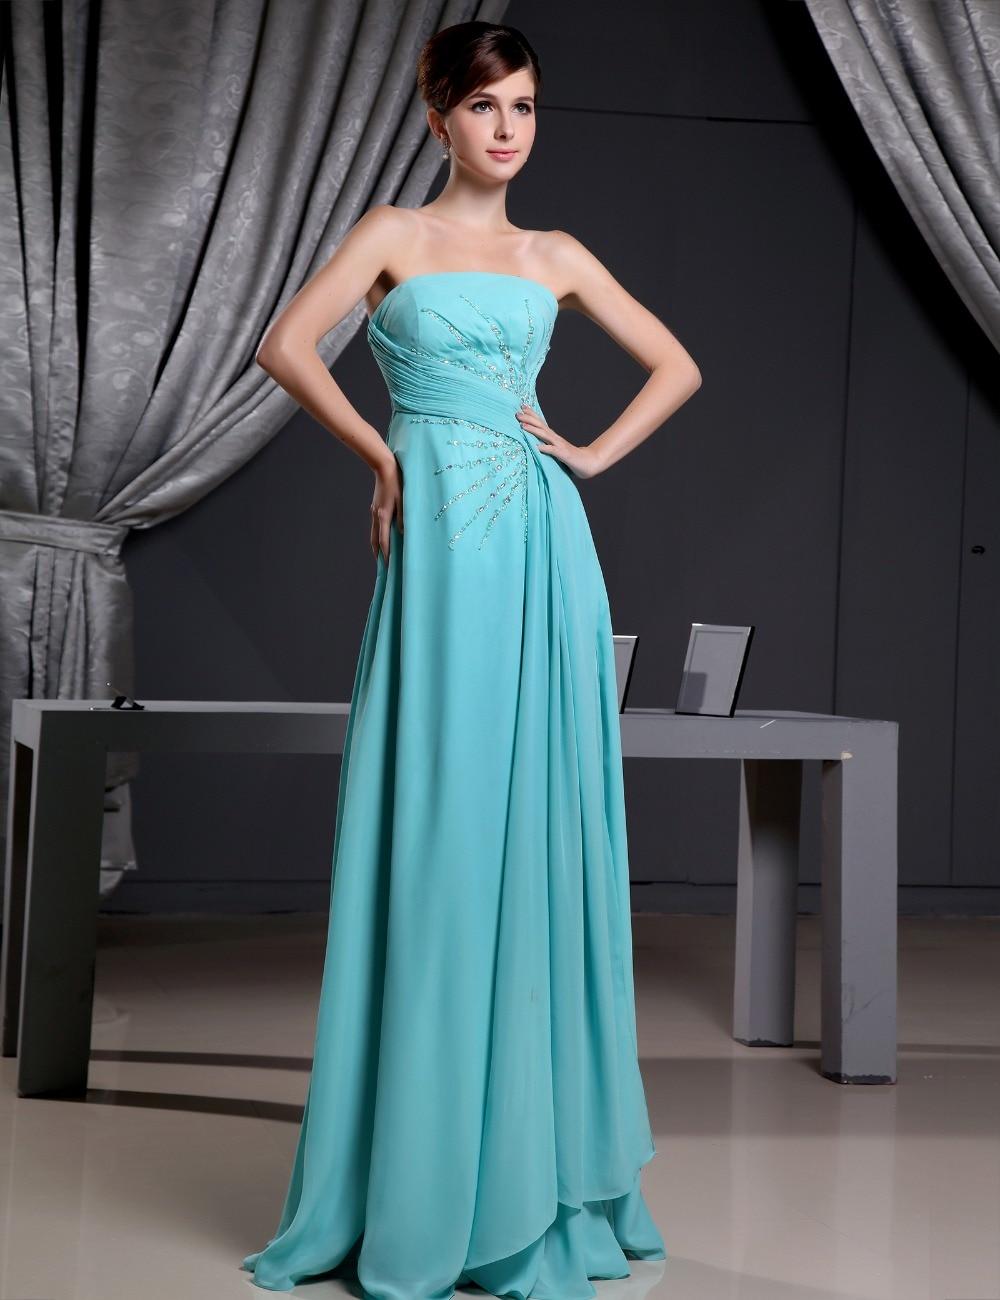 Contemporary Beach Prom Dresses Composition - All Wedding Dresses ...